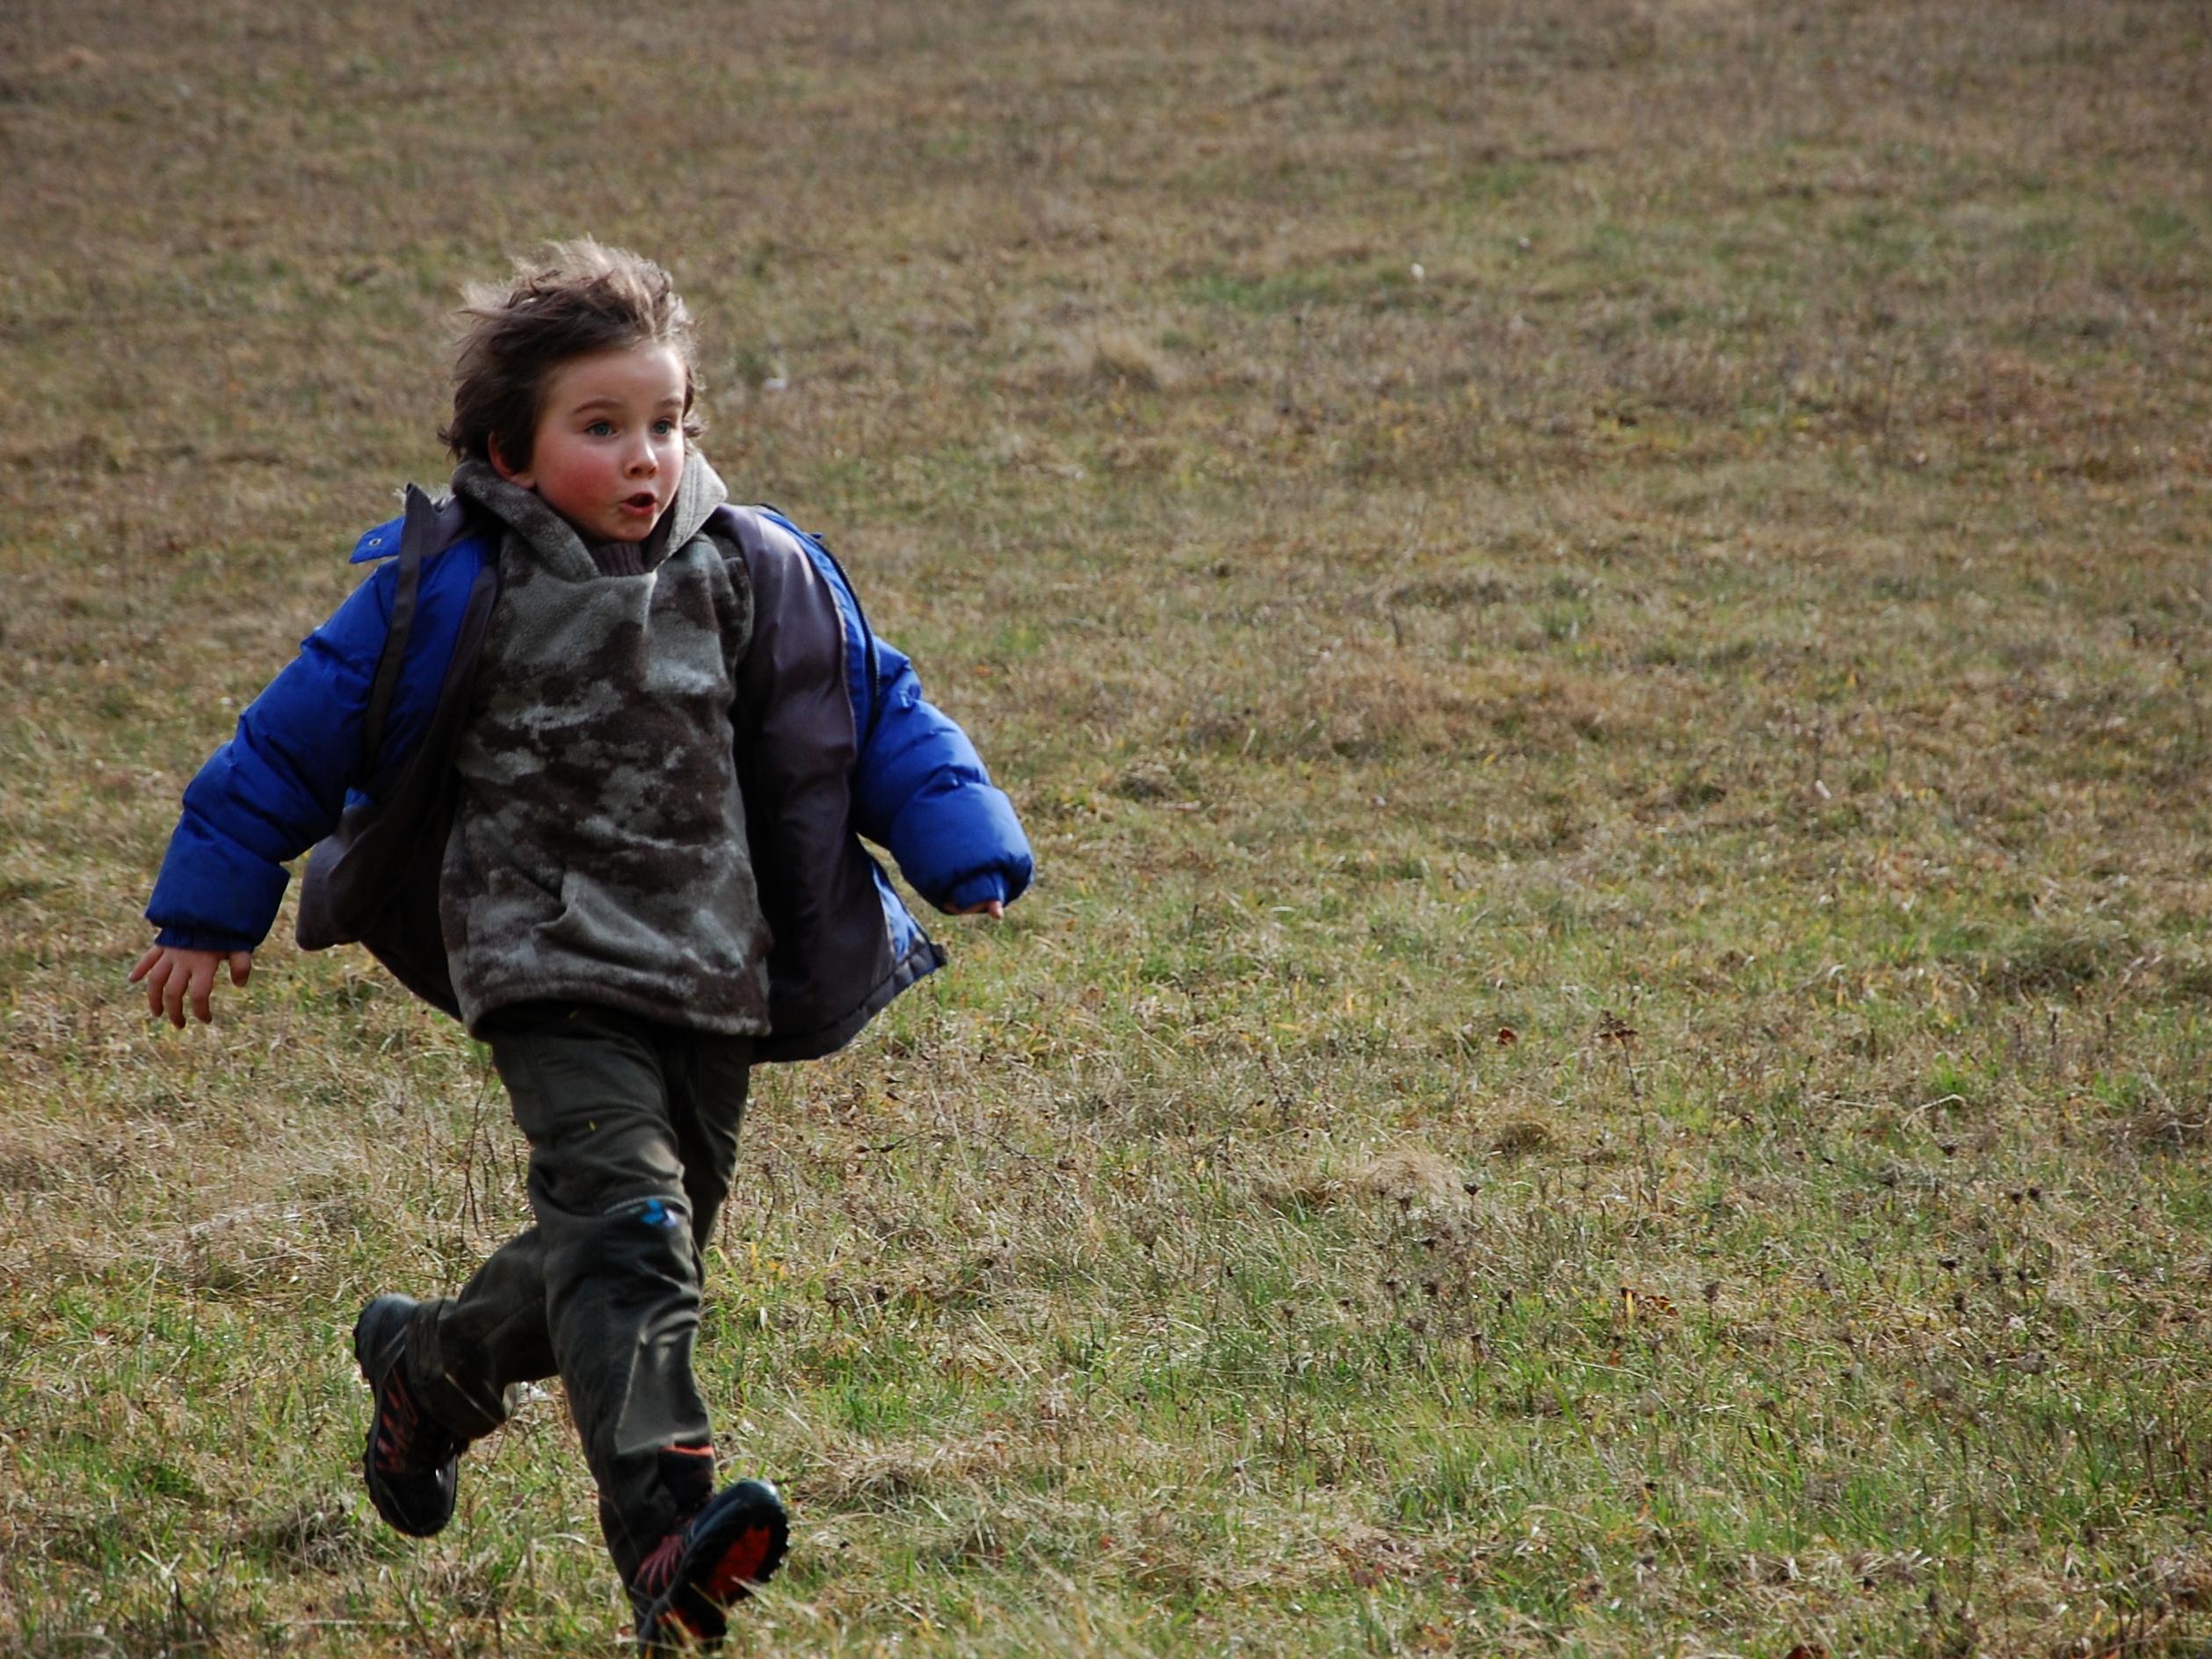 Pionýři budou soutěžit v orientačním běhu již tuto sobotu